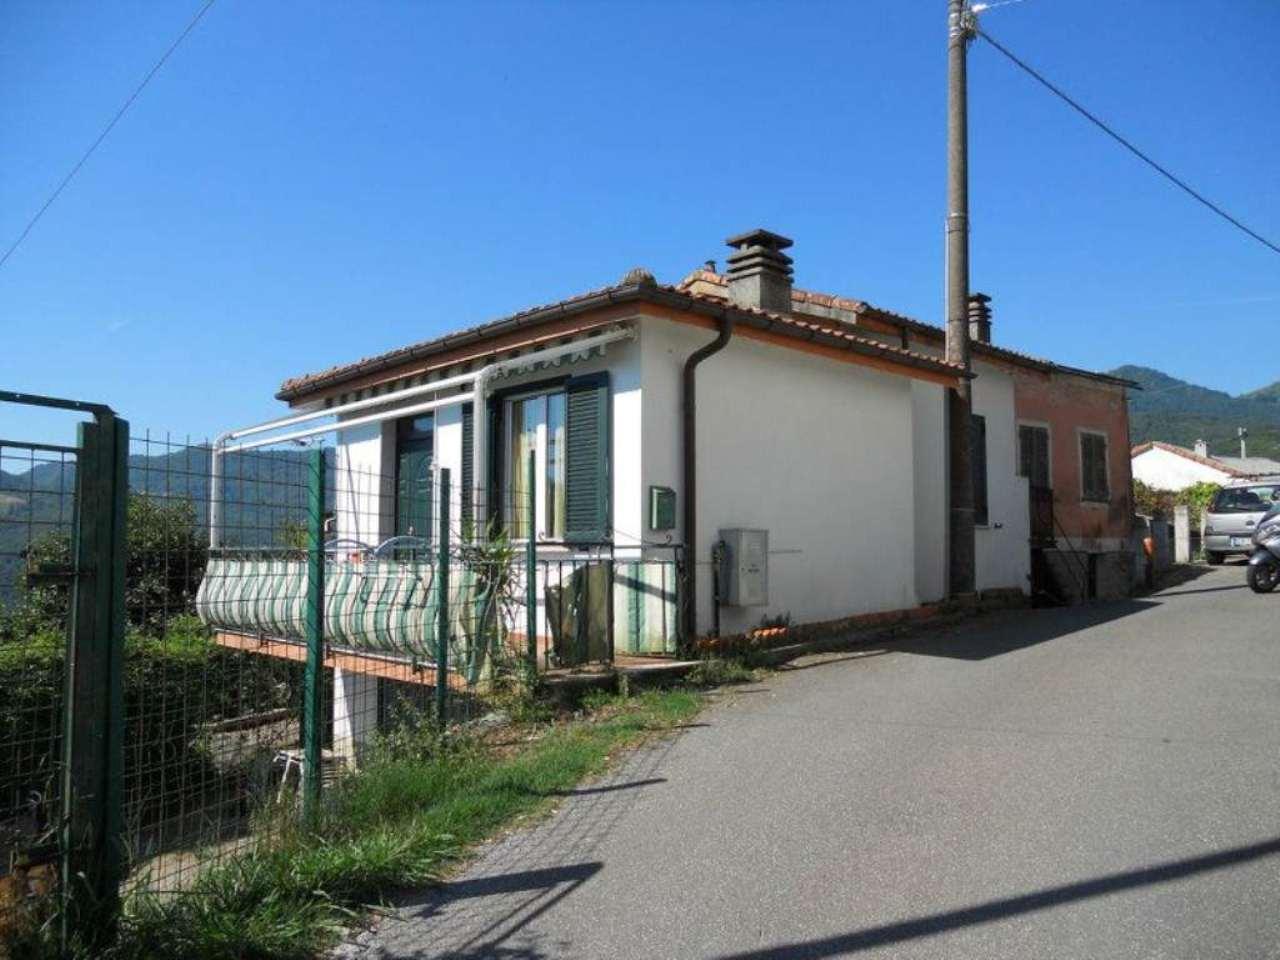 Soluzione Indipendente in vendita a Lumarzo, 5 locali, prezzo € 119.000 | Cambio Casa.it